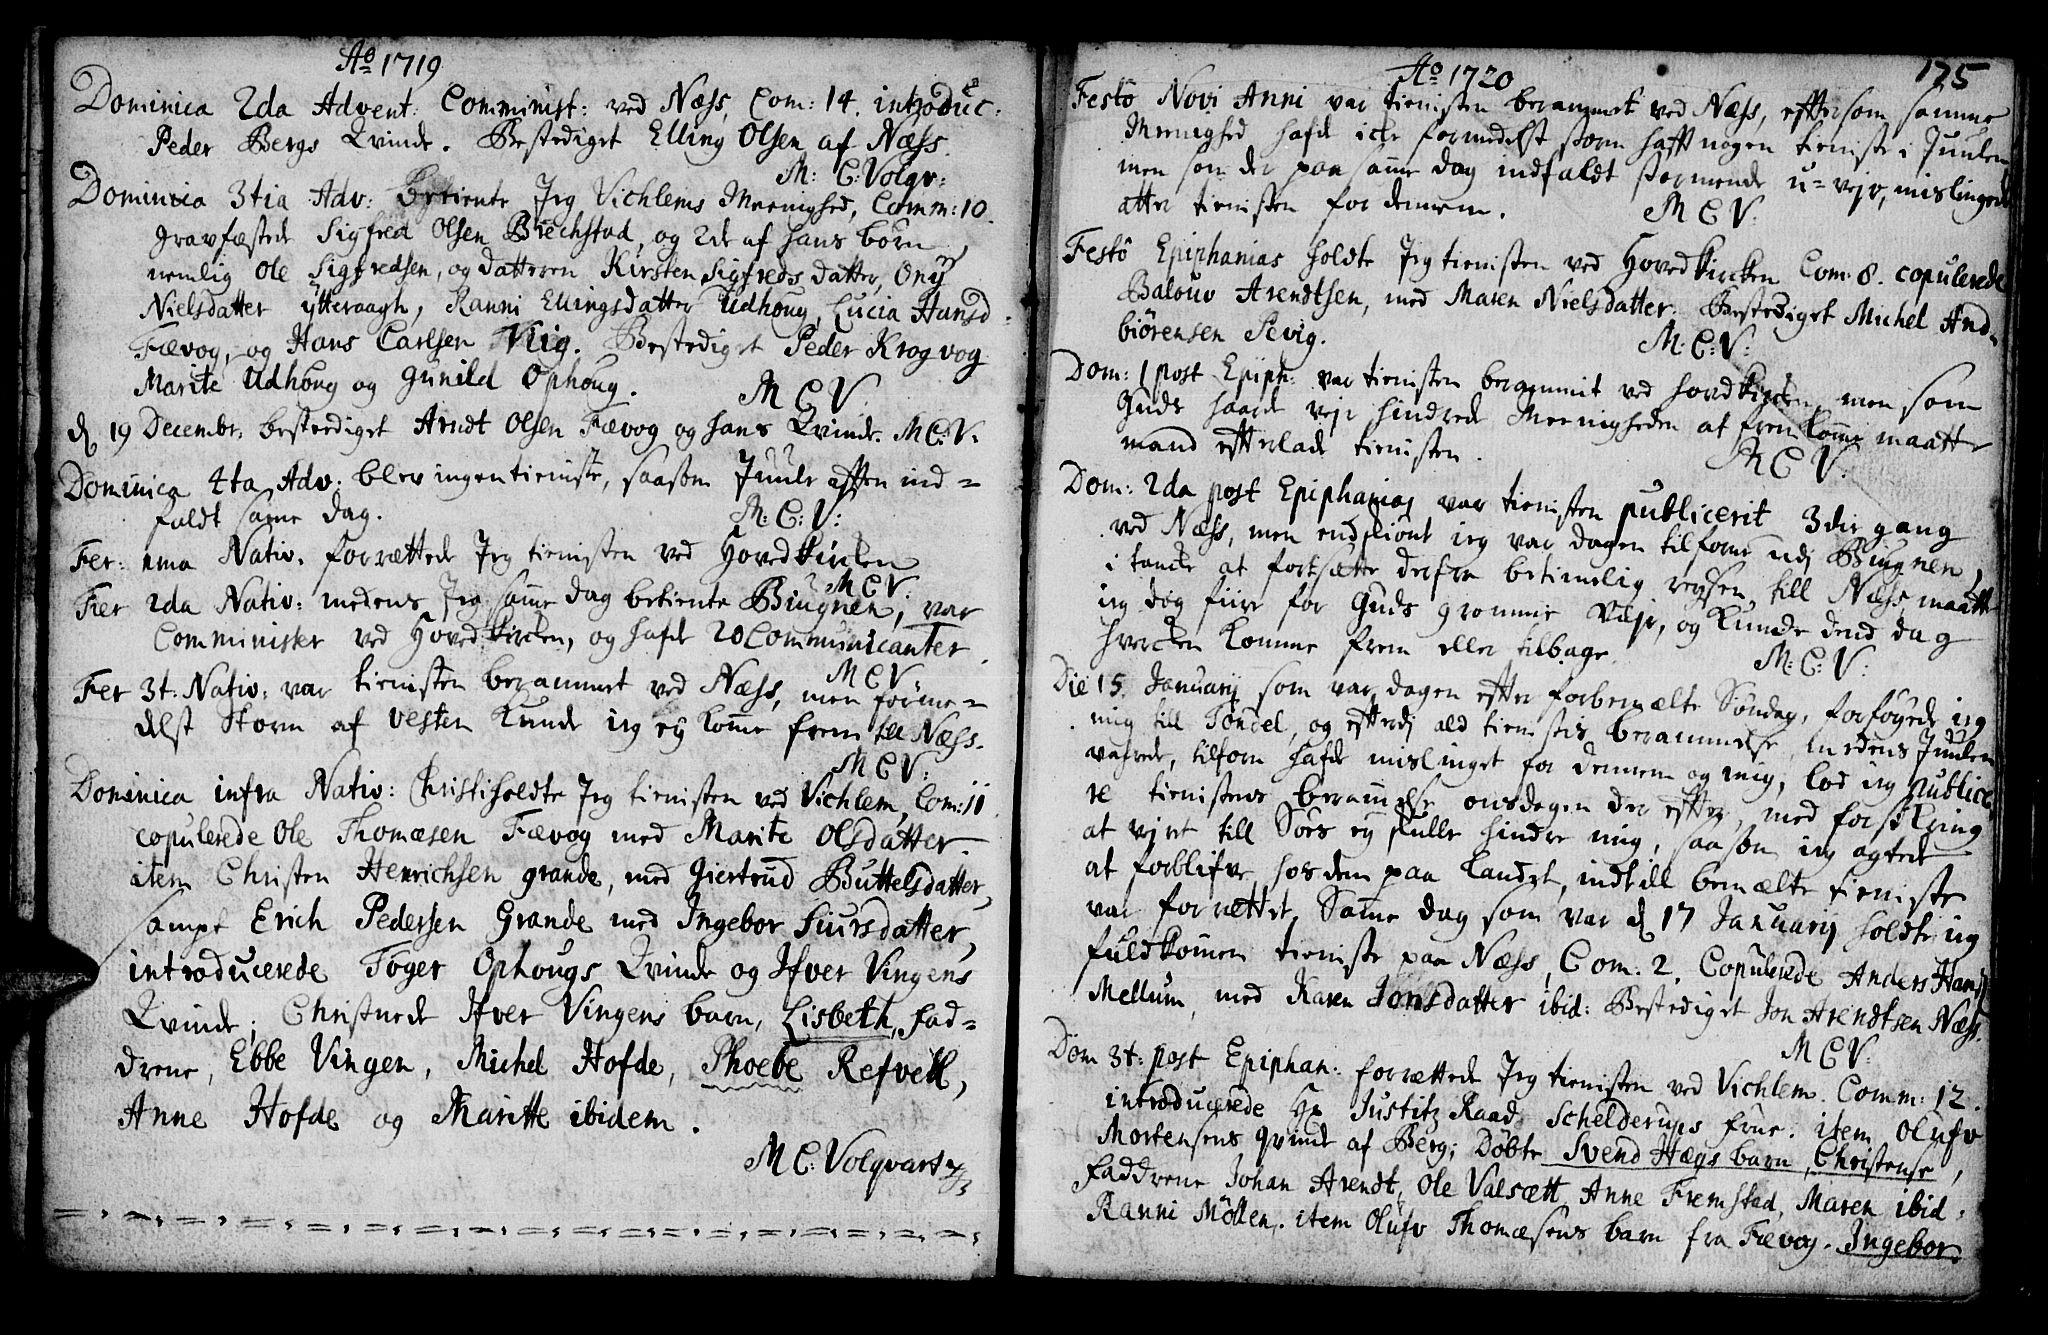 SAT, Ministerialprotokoller, klokkerbøker og fødselsregistre - Sør-Trøndelag, 659/L0731: Ministerialbok nr. 659A01, 1709-1731, s. 174-175